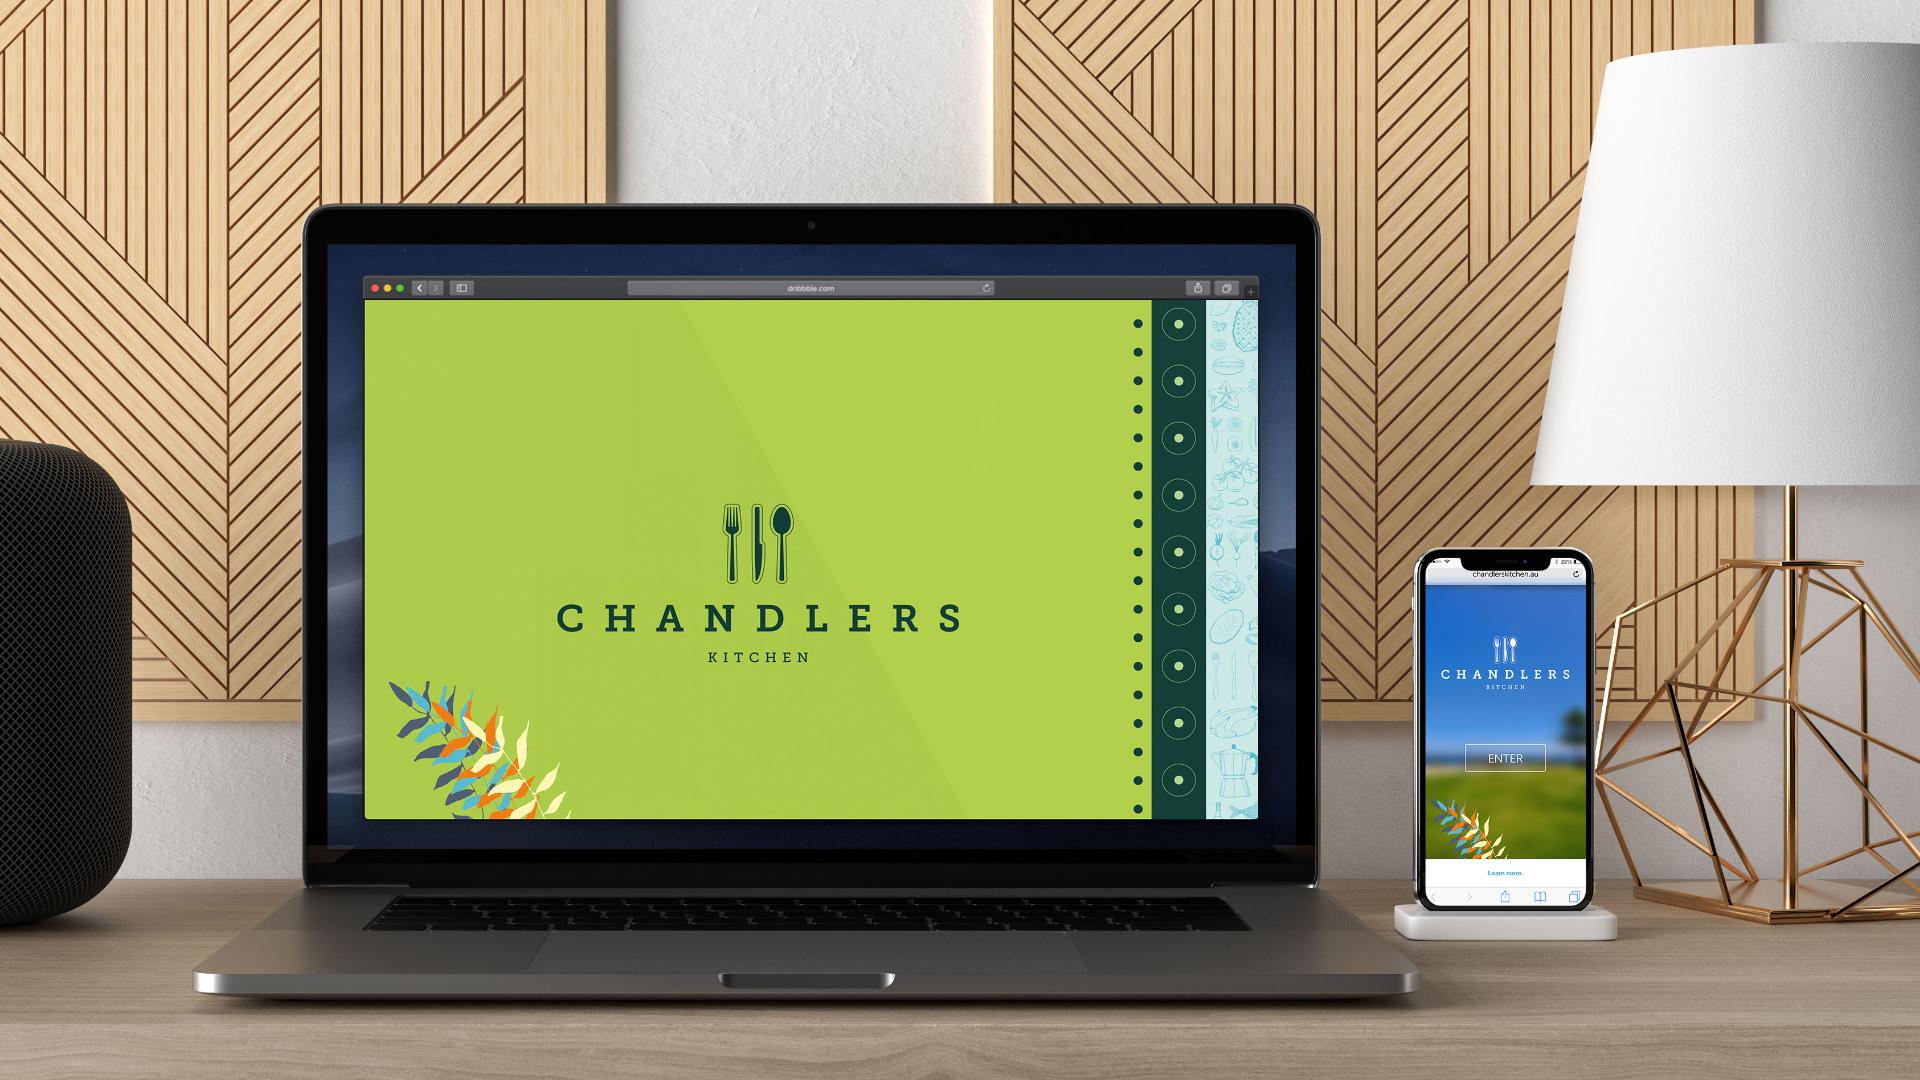 Chandlers Kitchen Brand